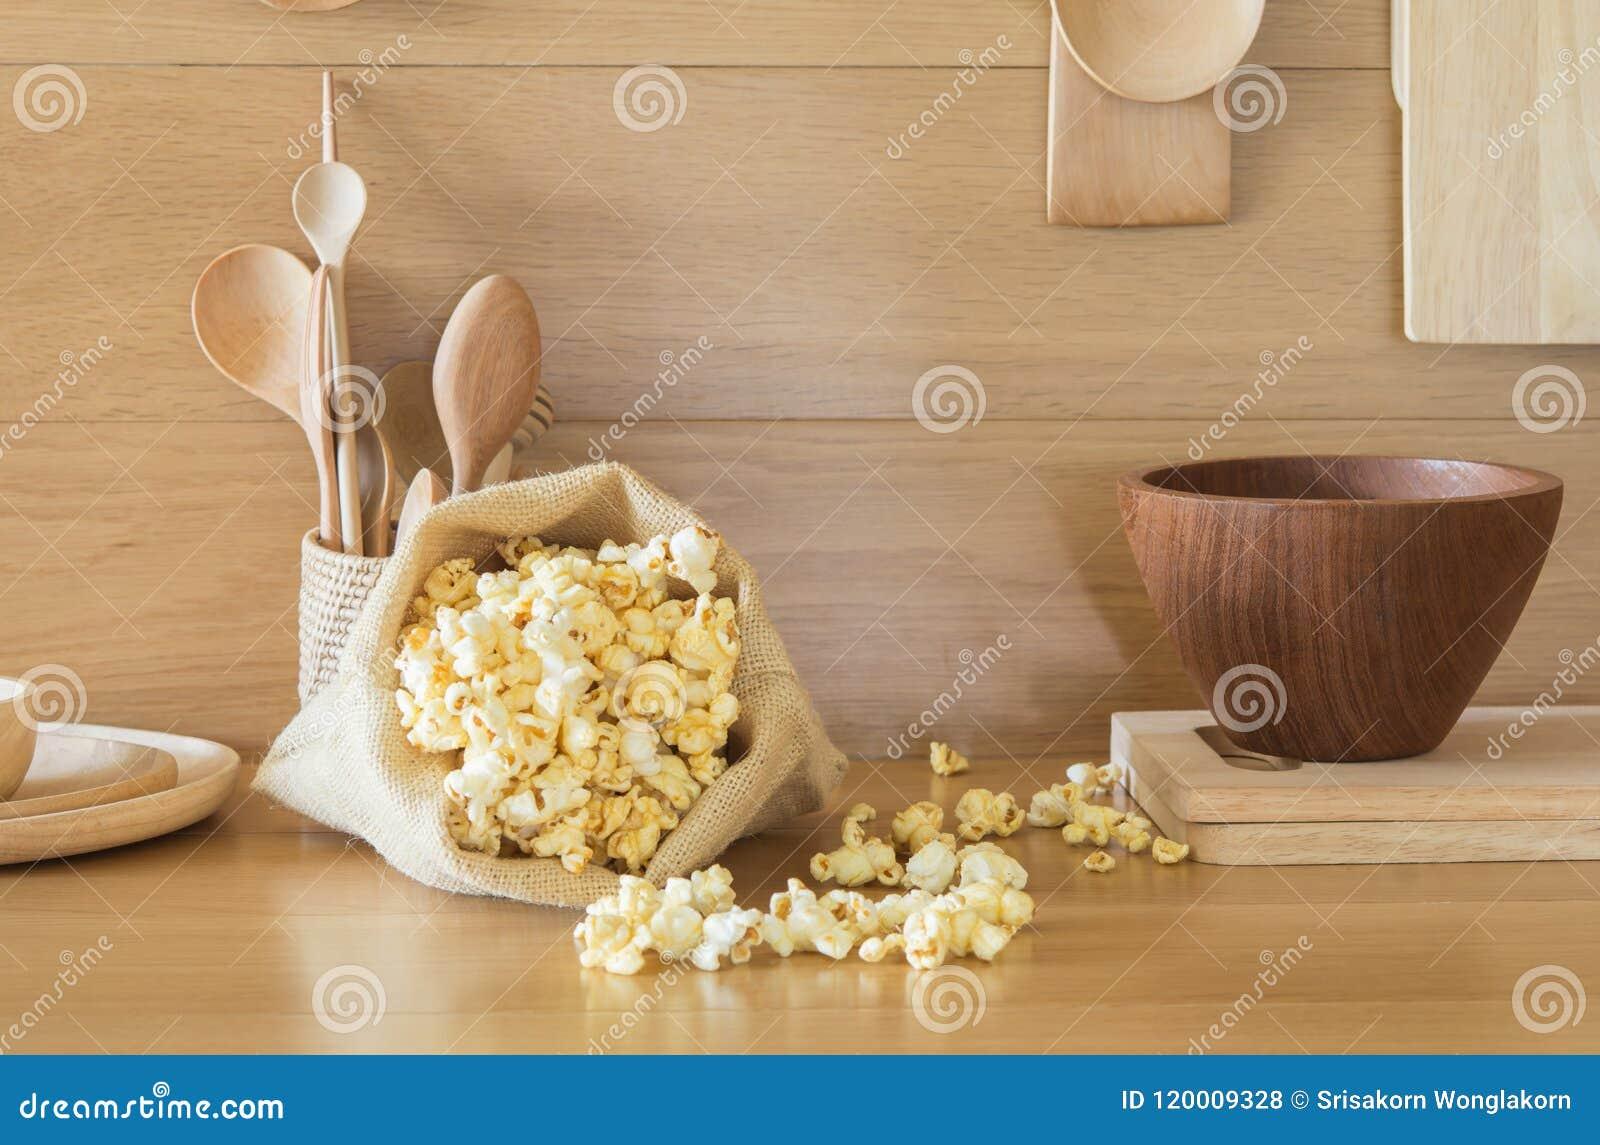 在一个袋子的玉米花在厨房里